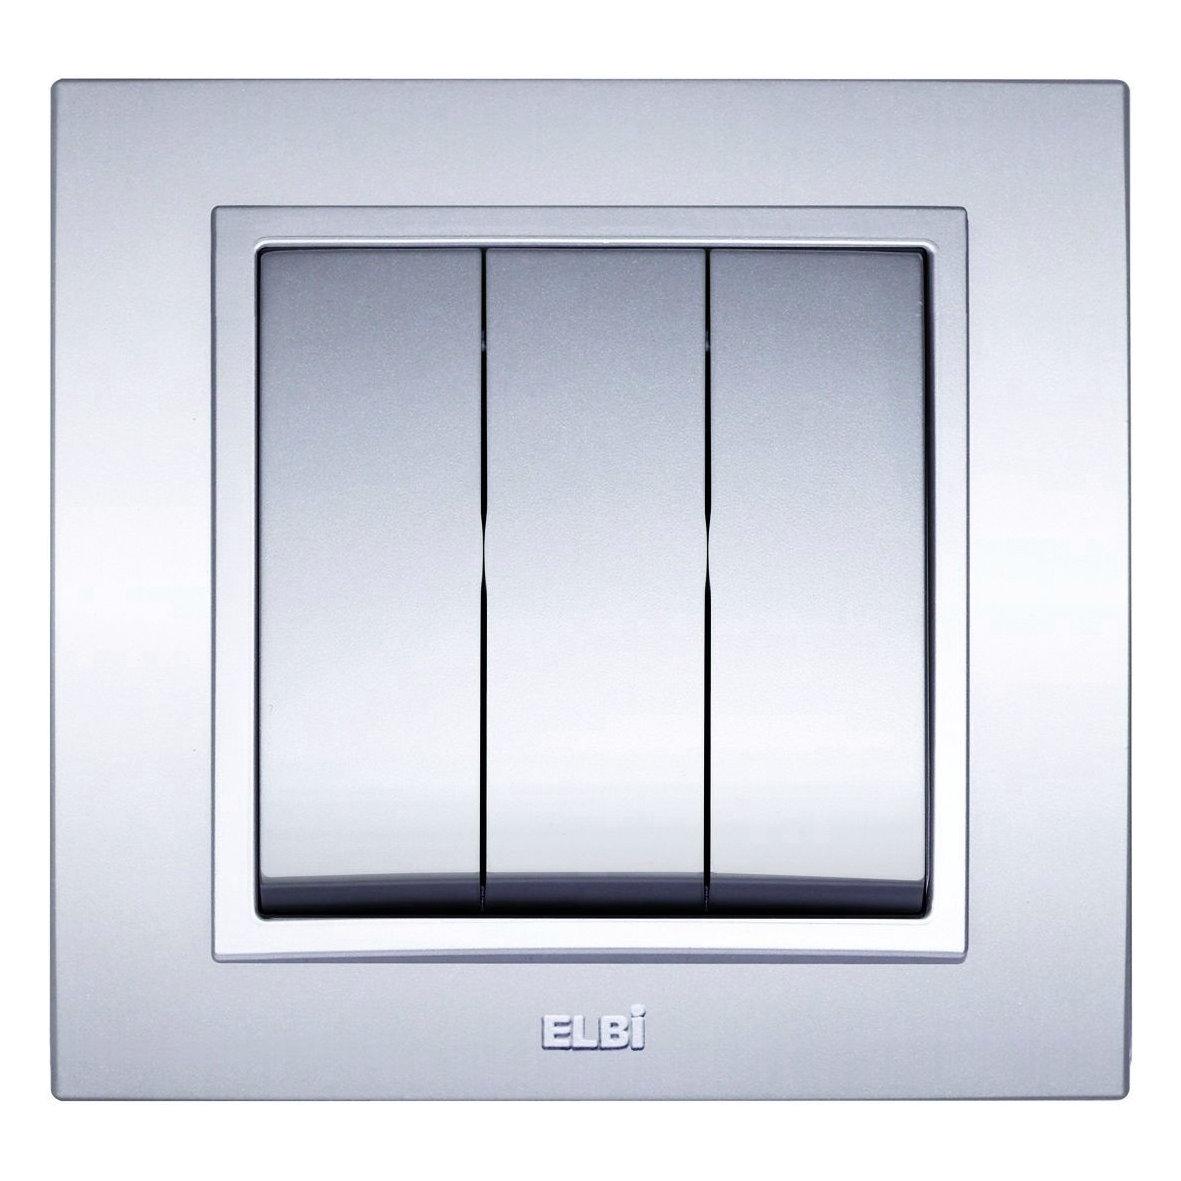 EL-BI Schalter ZENA metallic-silber